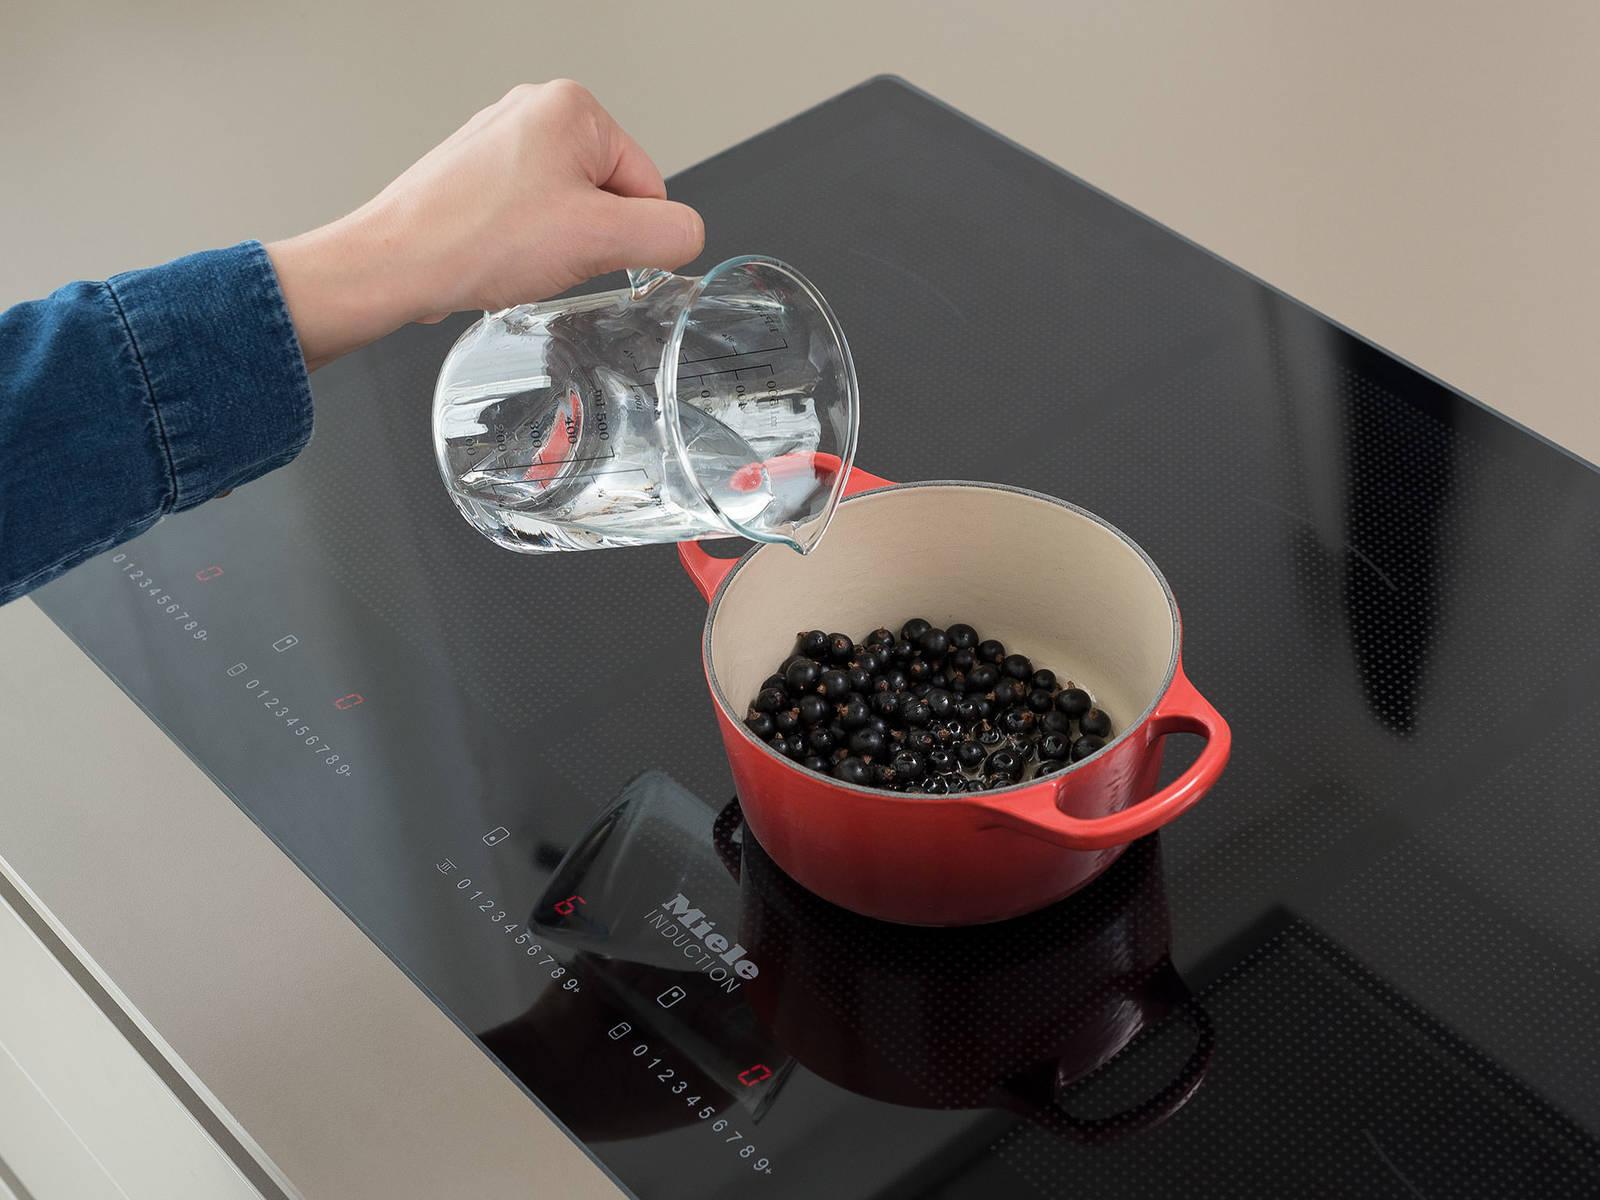 将烤箱预热至200℃。清洗黑醋栗,放到平底锅中,倒入水和蜂蜜,中高火加热。文火煮5分钟,然后关火取下,加入粗粒芥末。倒入一个碗中,置于一旁。